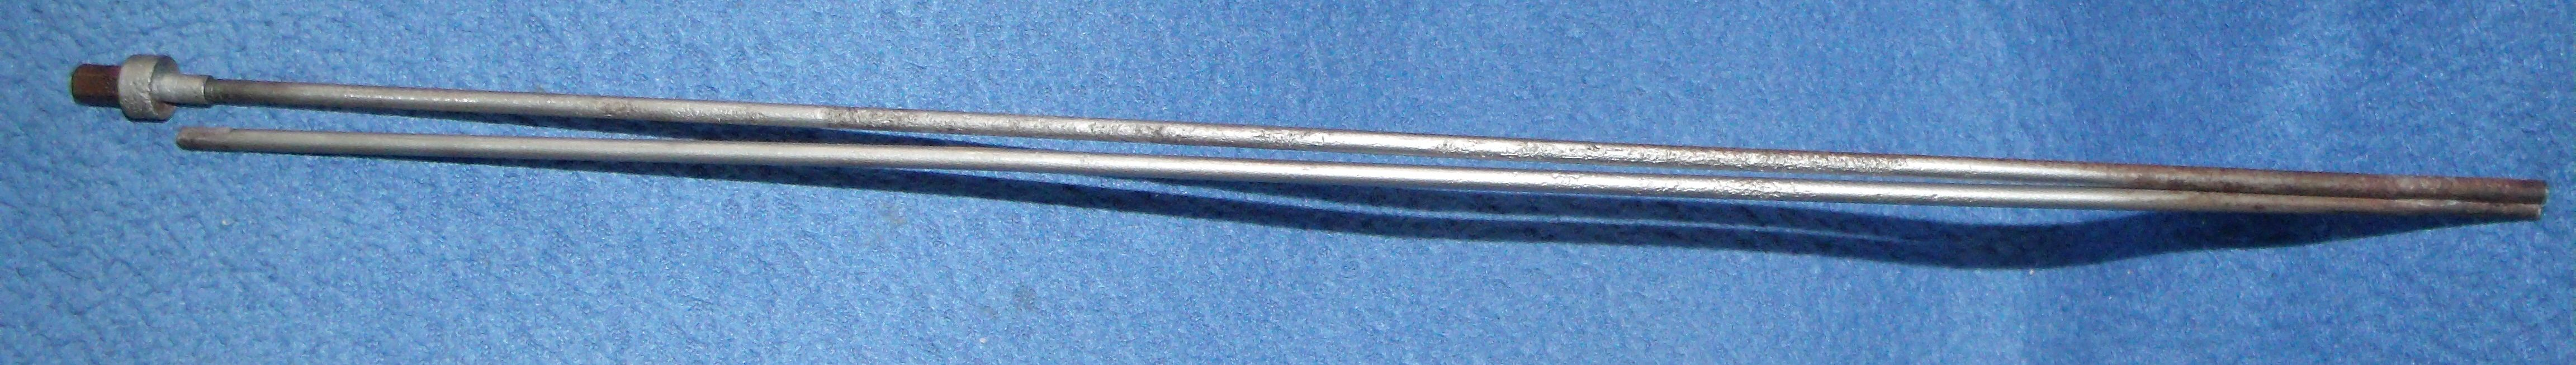 gedc1502.jpg